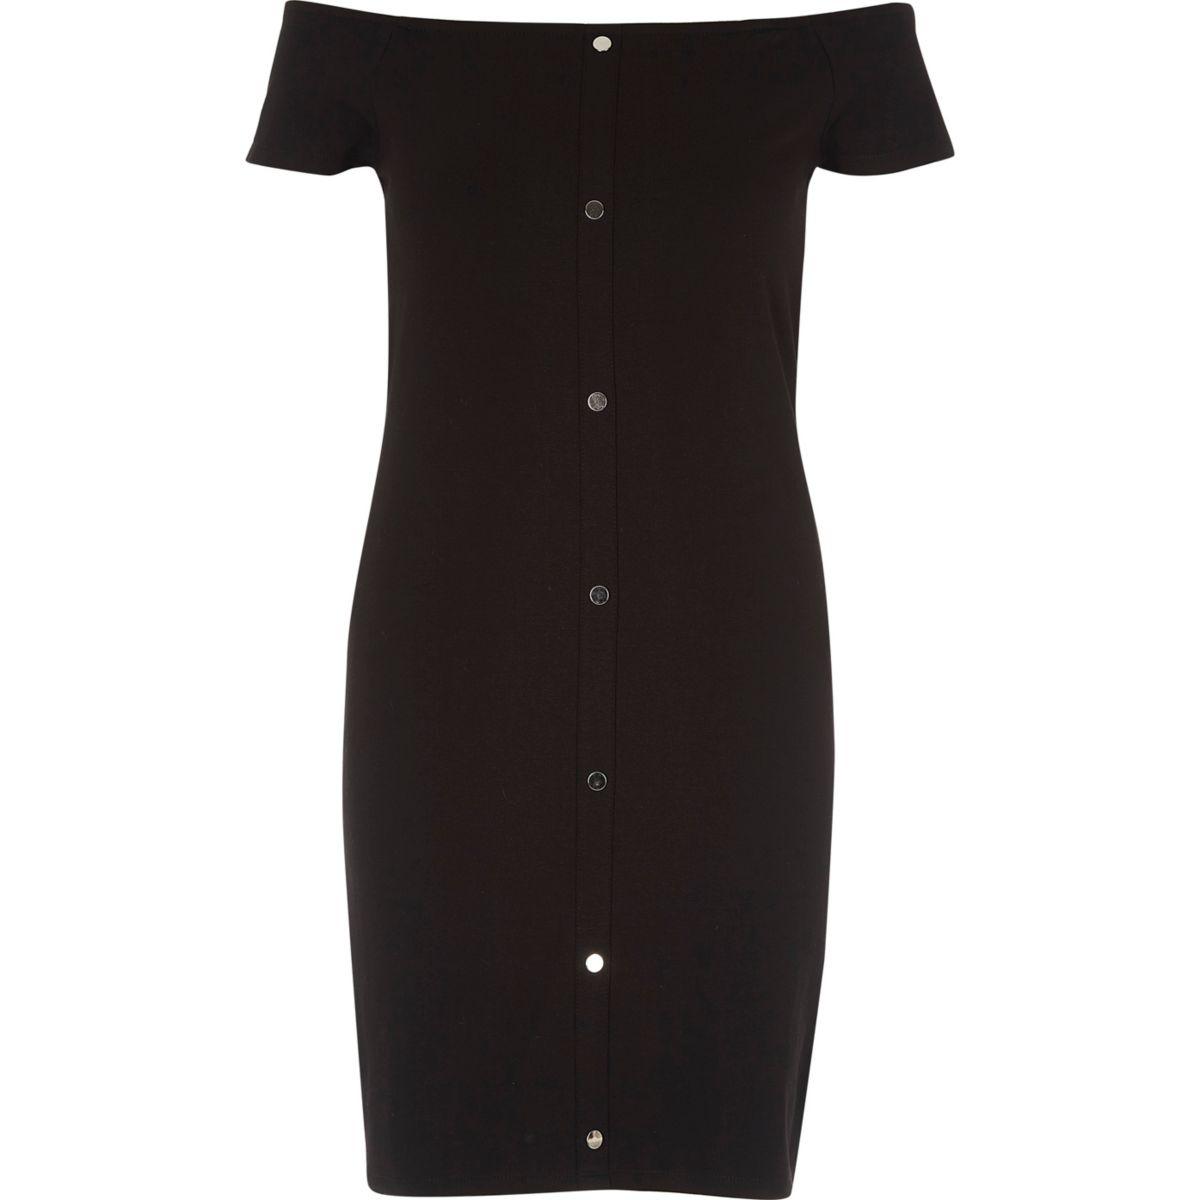 Bardot-Kleid mit Druckknöpfen